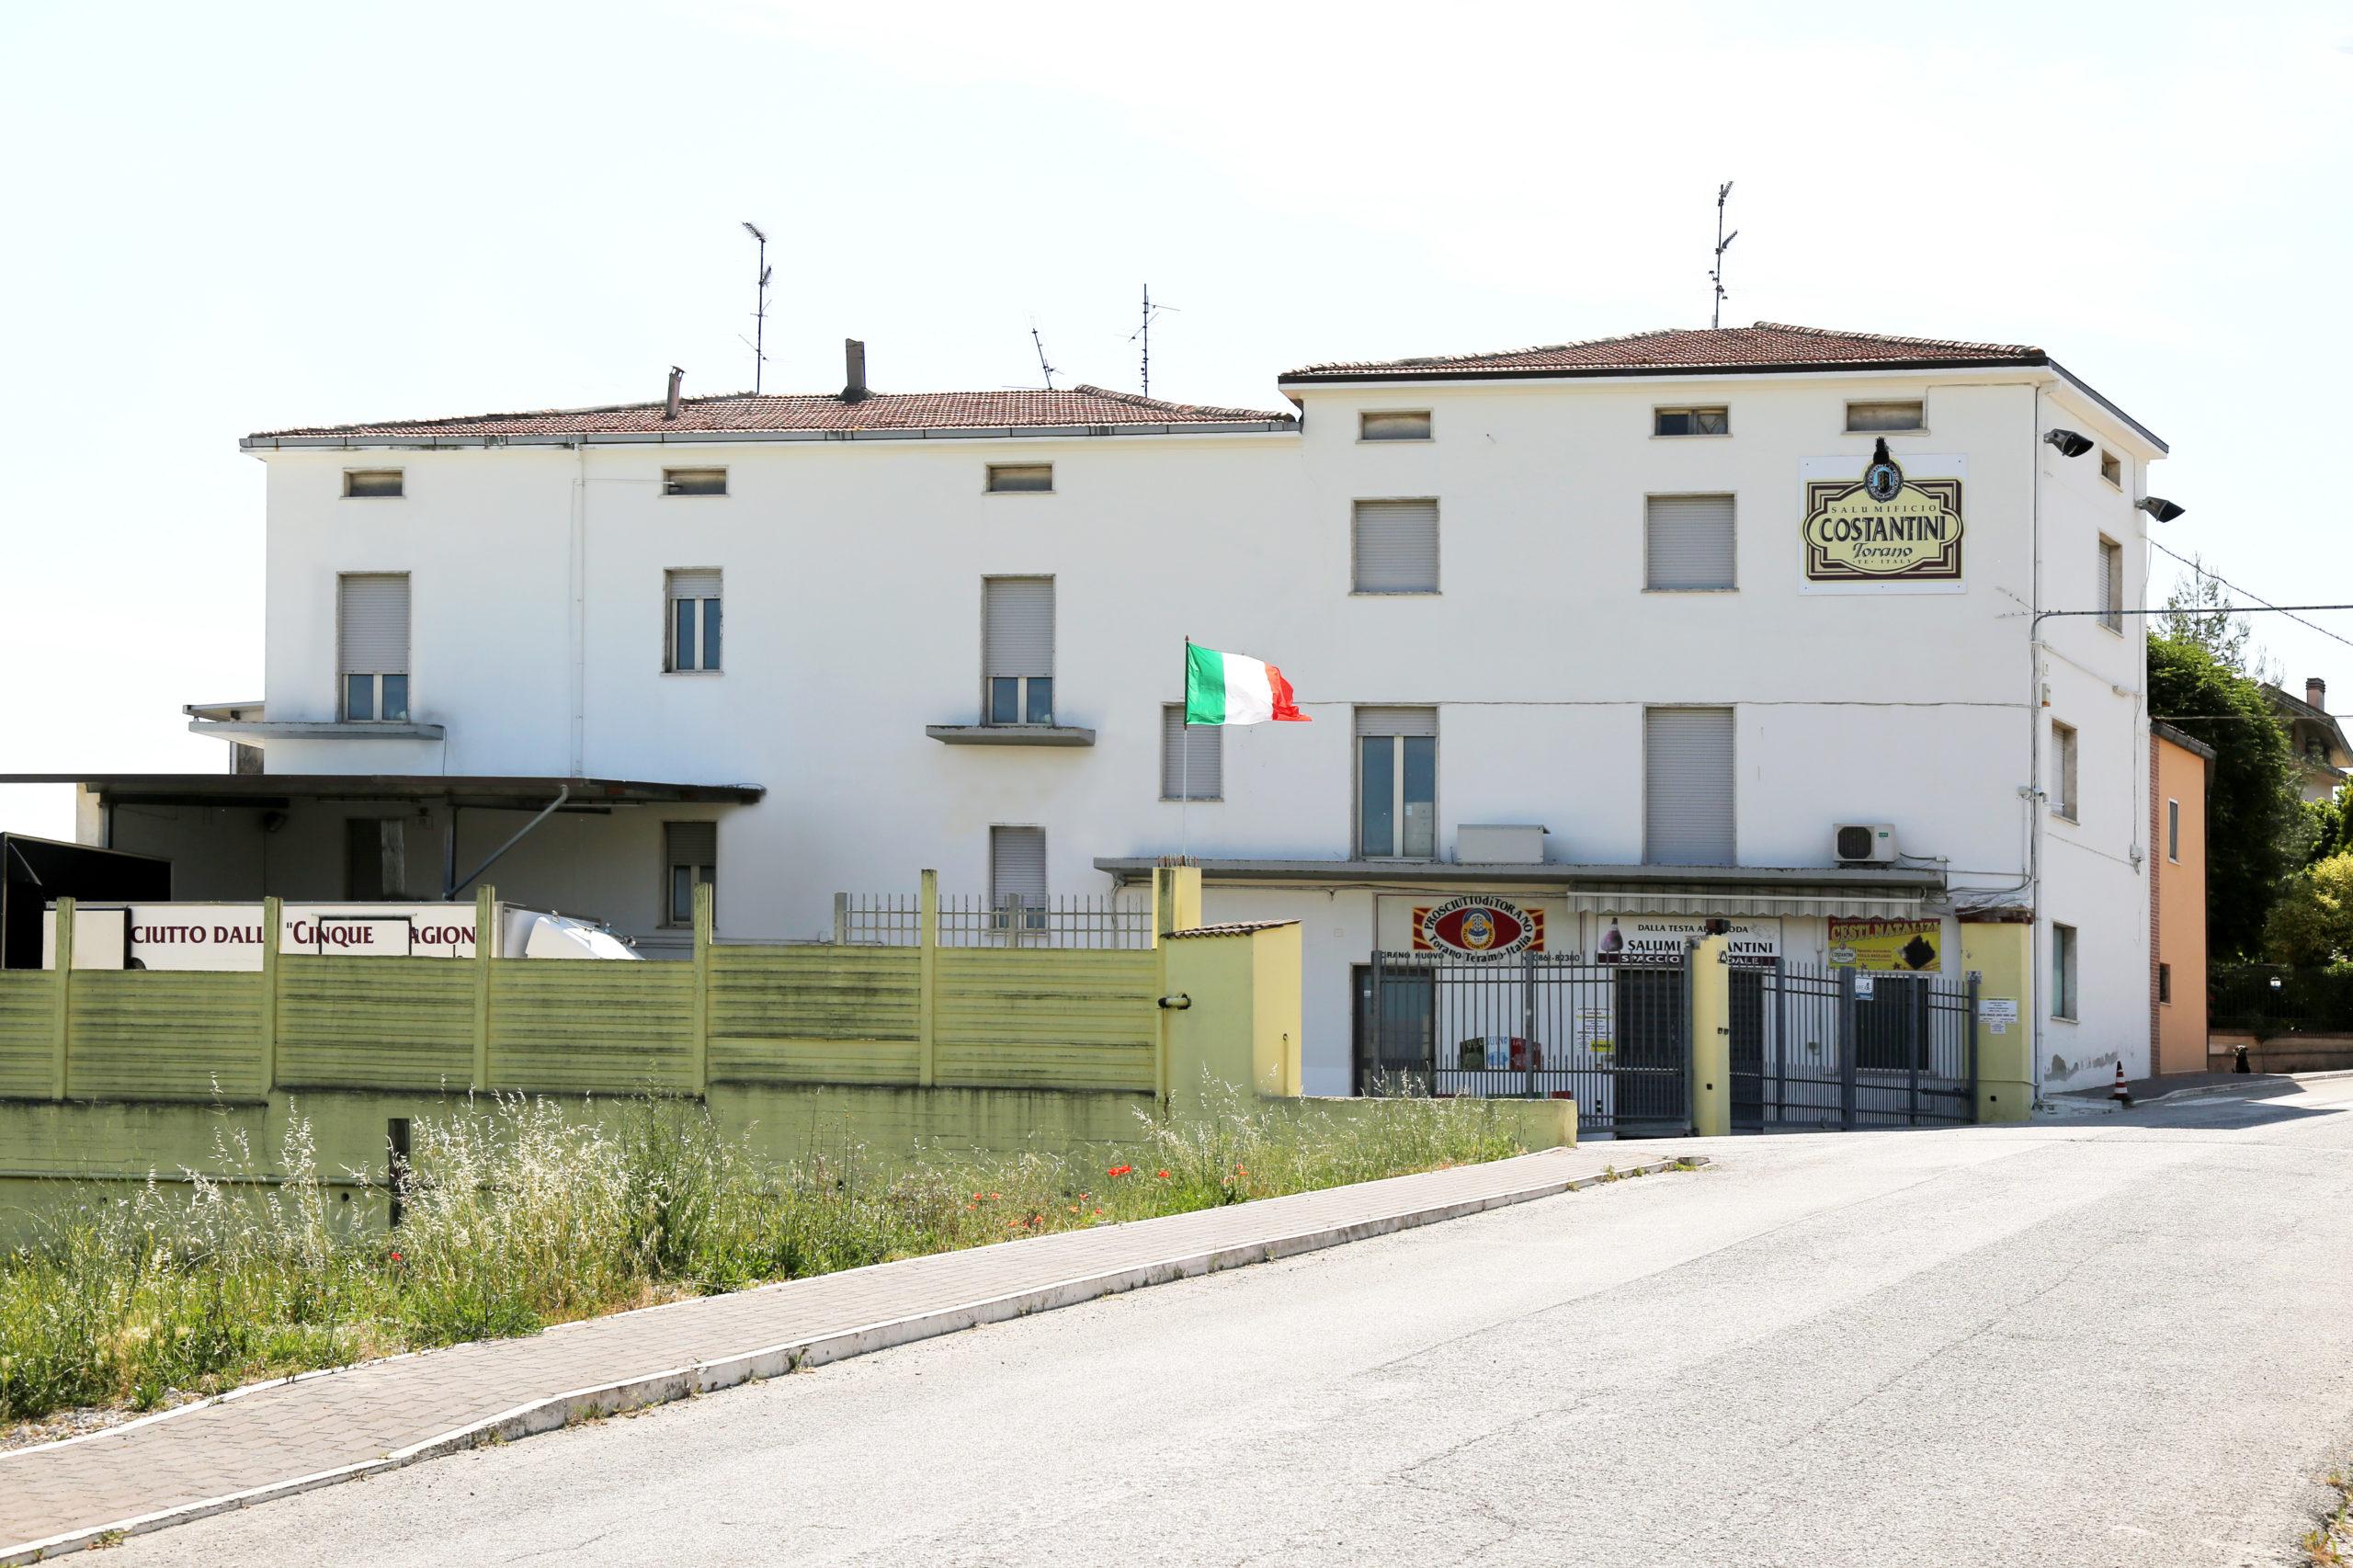 MUN certification recognized at the Salumificio F.lli Costantini